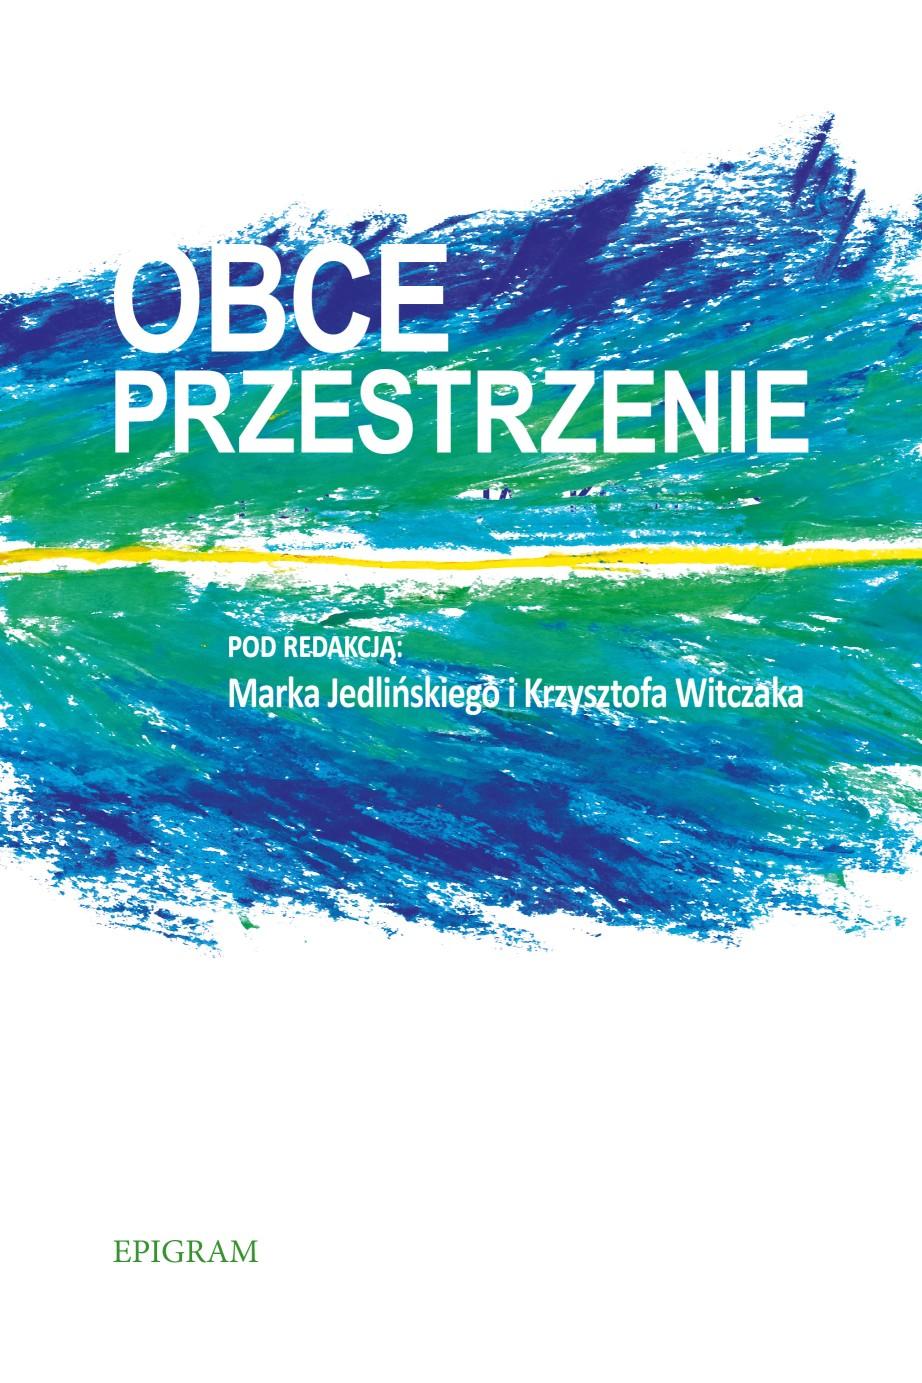 Obce przestrzenie / Marek Jedliński i Krzysztof Witczak (red.) okładka